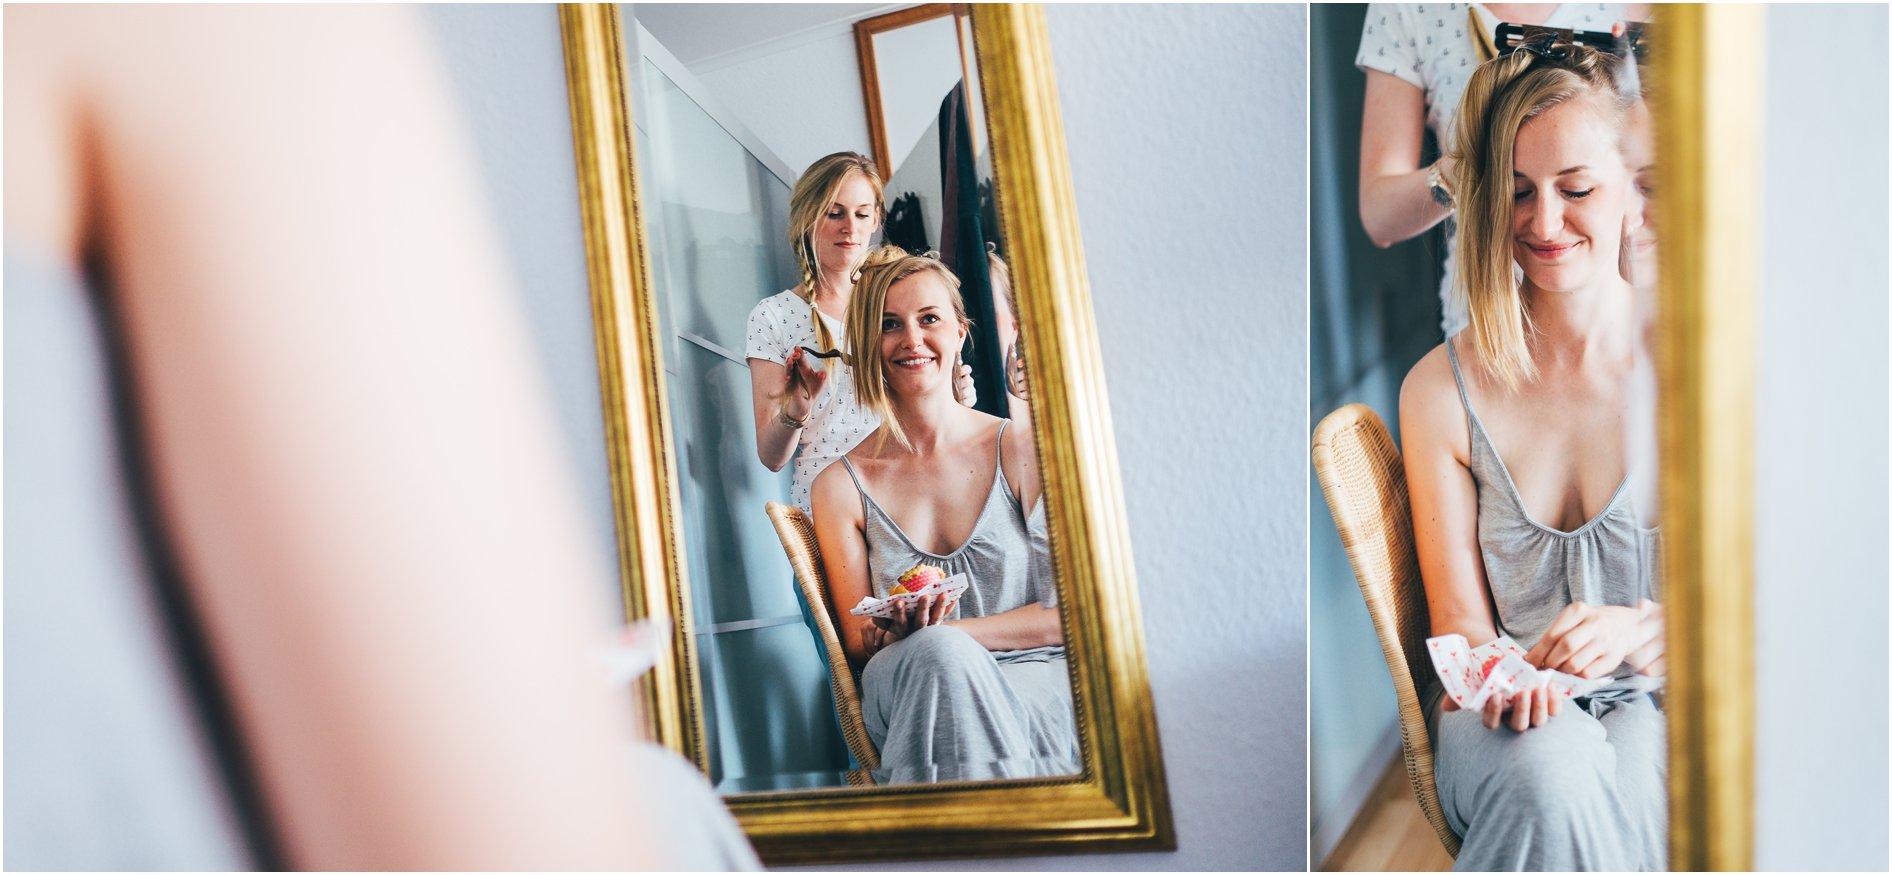 2014-10-13_0058 Jenny & Matthias - Hochzeitsfotograf auf Gut Bardenhagen